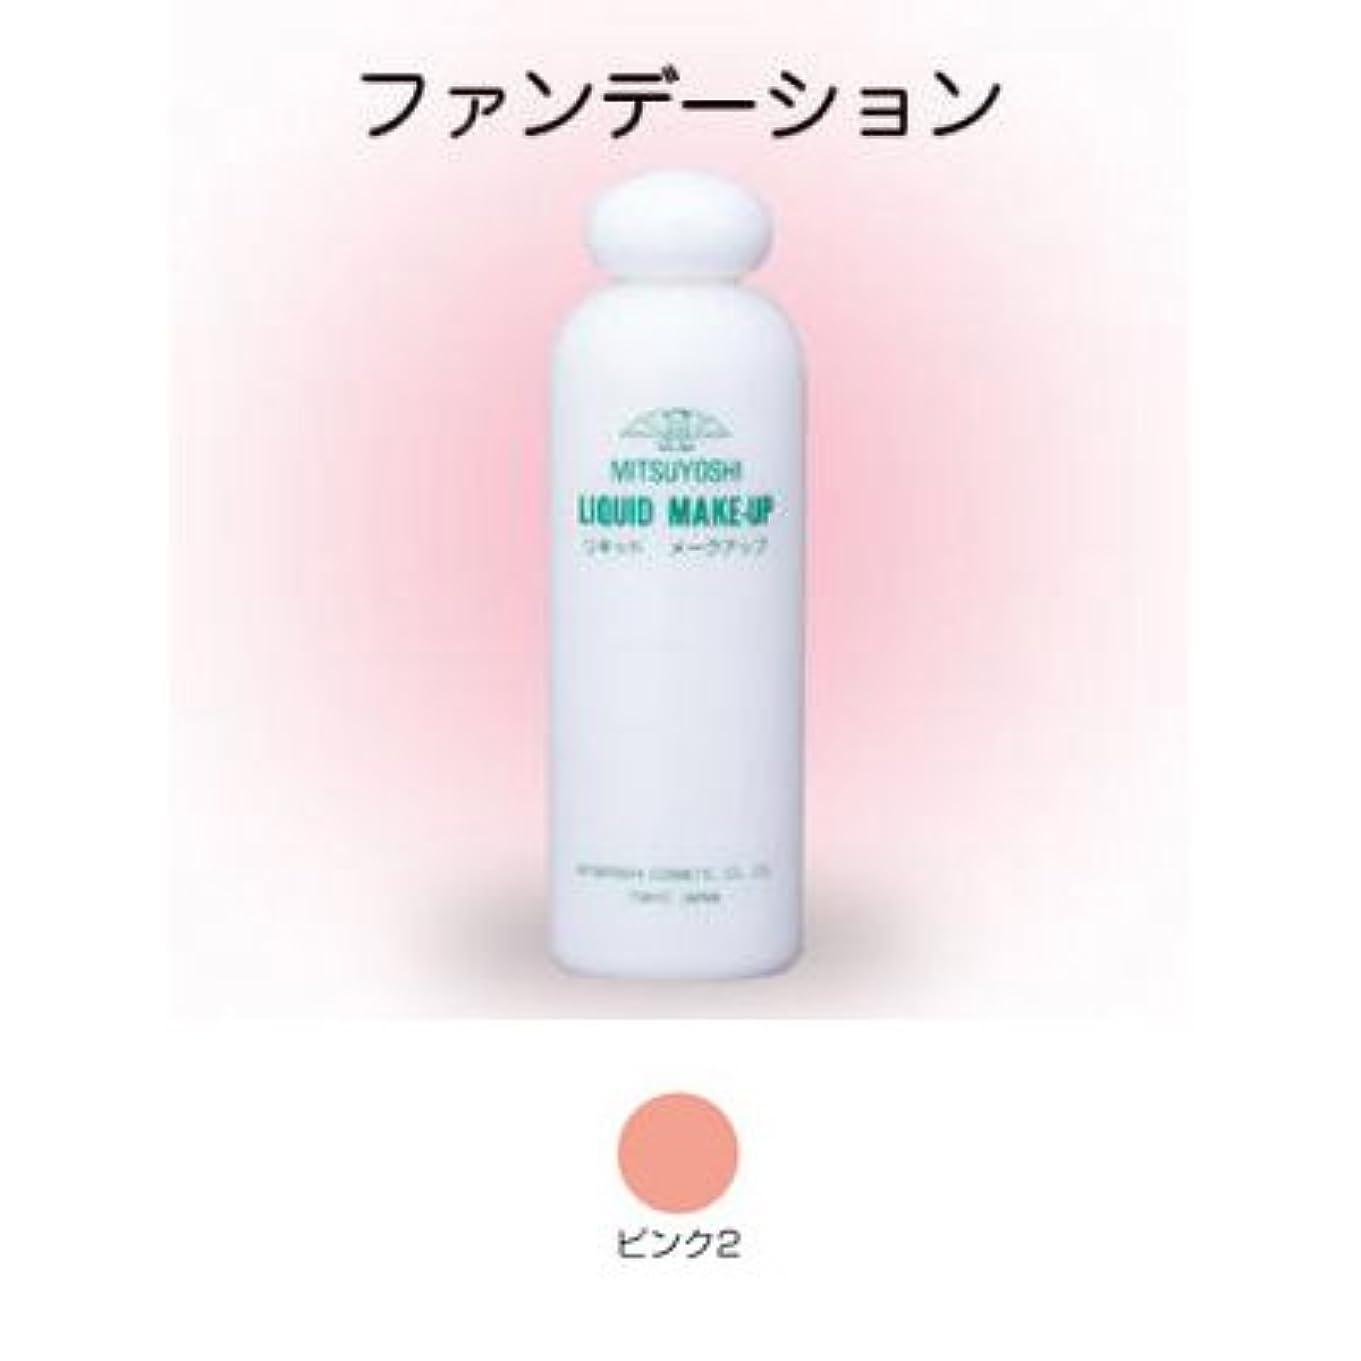 十分に廃止する収縮リキッドメークアップ 200ml ピンク2 【三善】